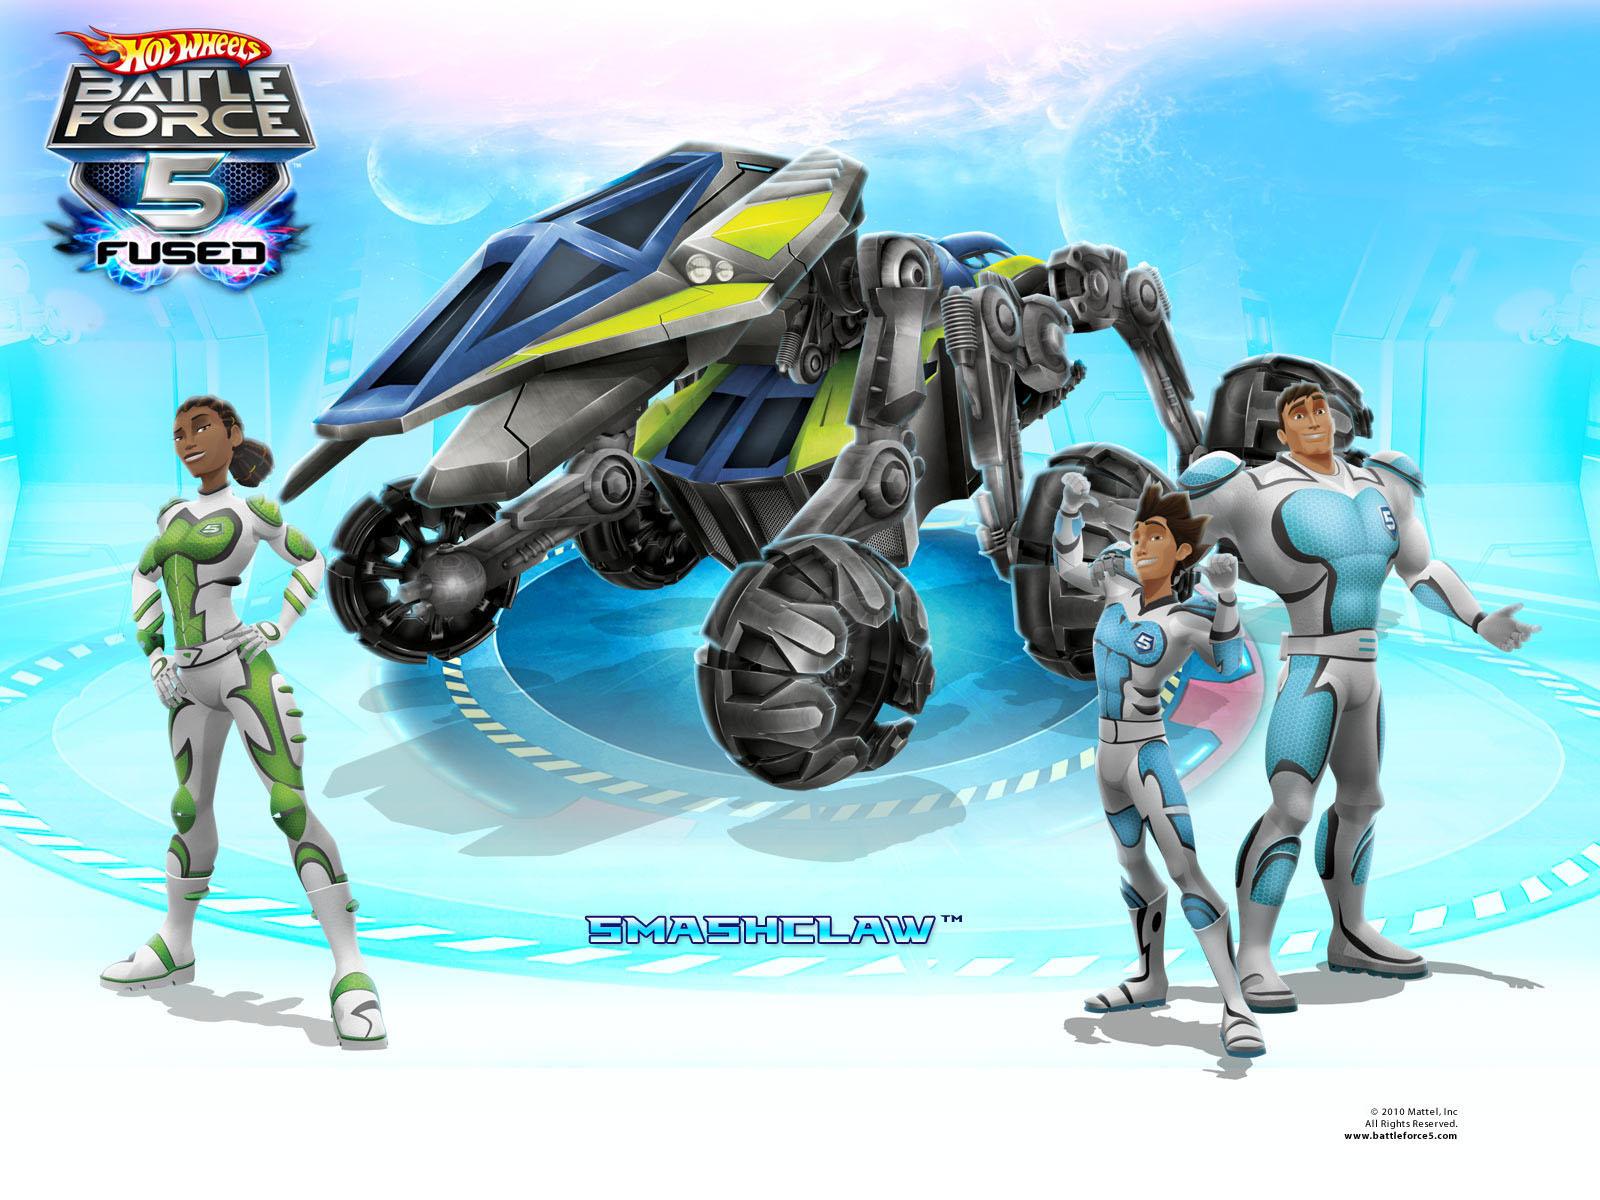 image smashclawjpg hot wheels battle force 5 wiki